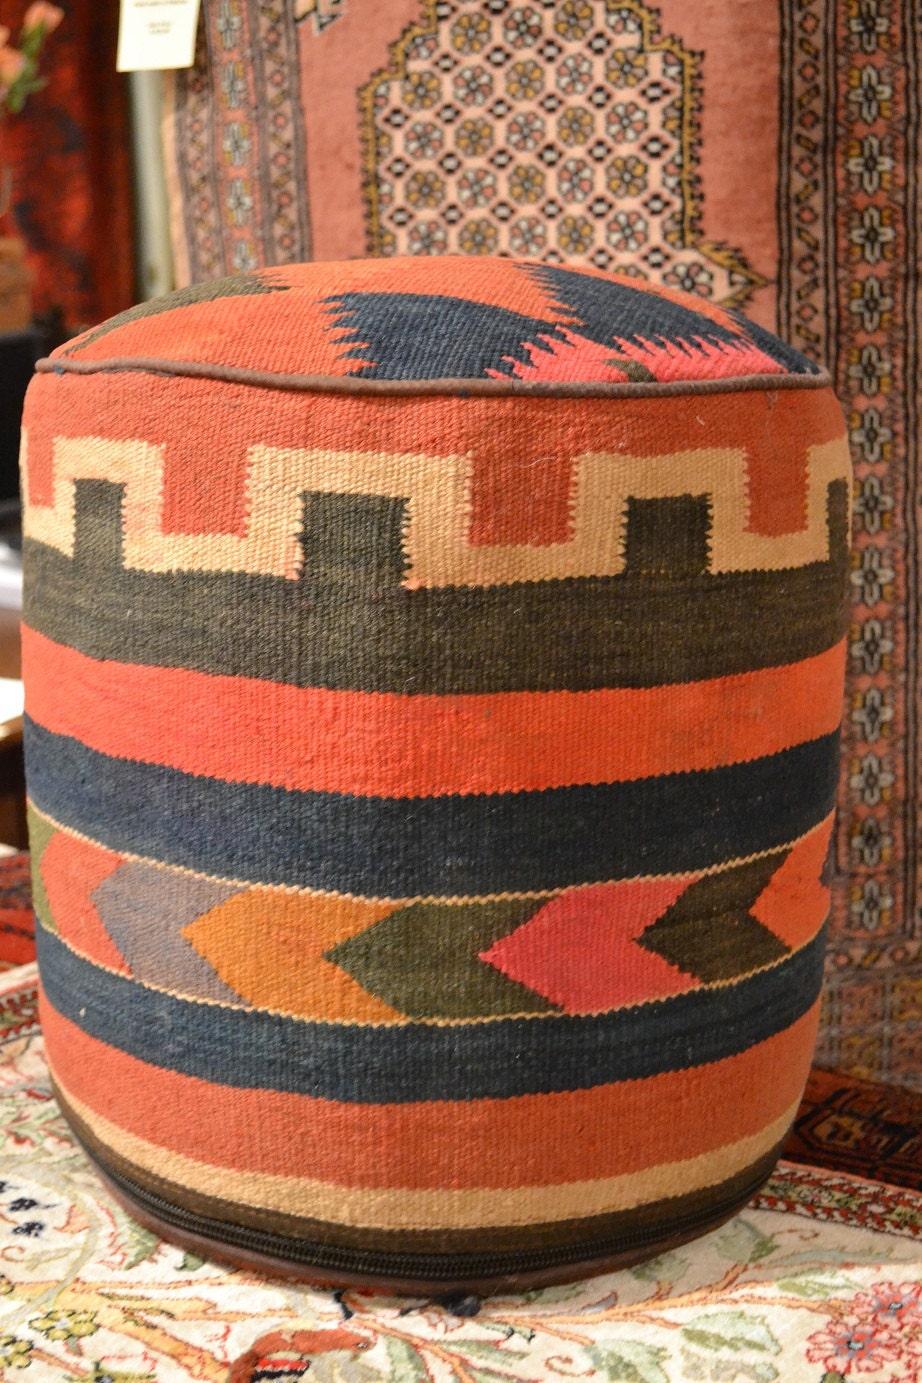 Rug Sitting Stool Rug Ottoman Kilim Sitting By